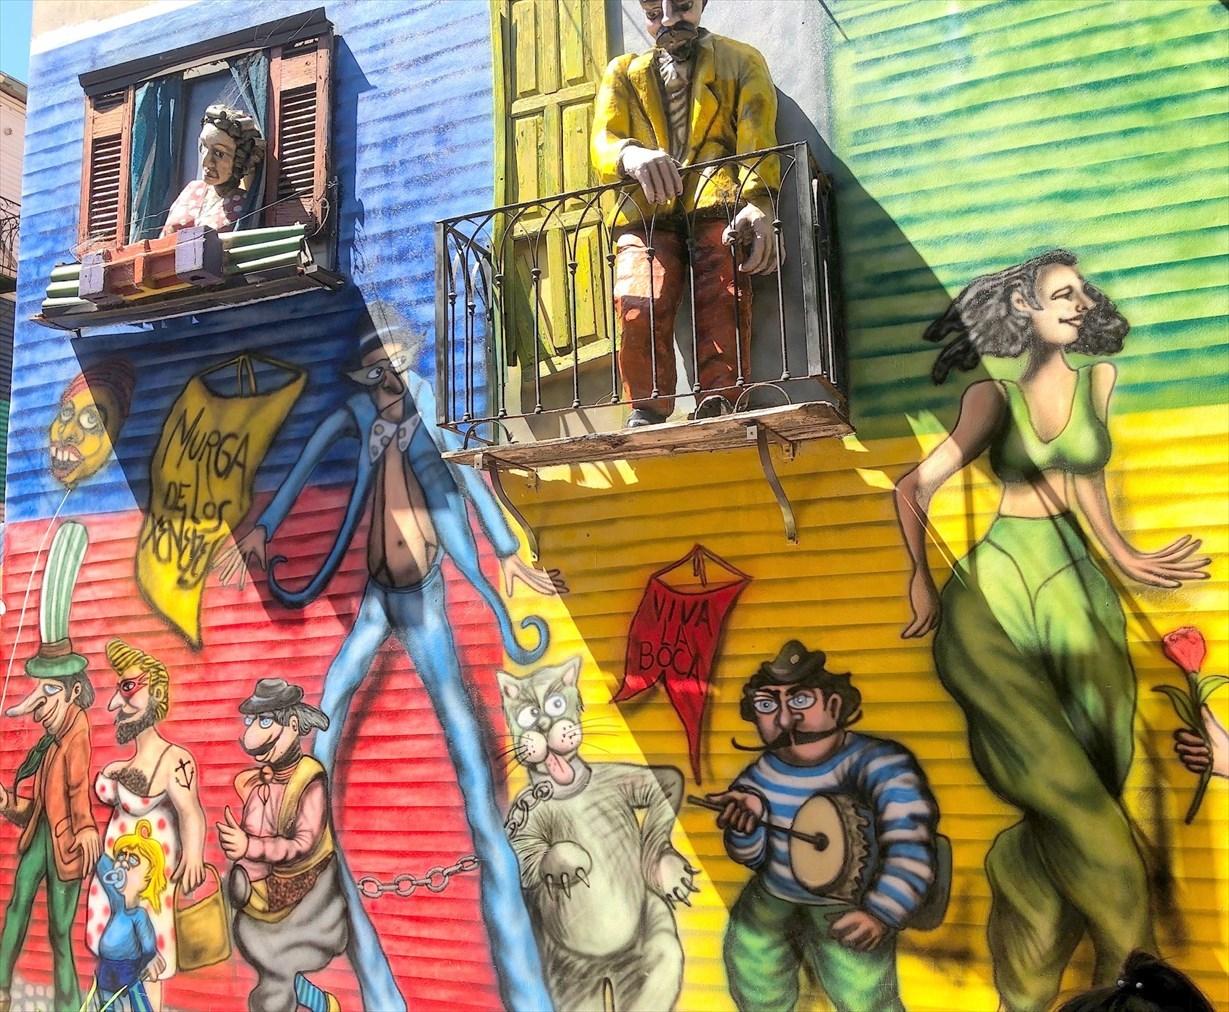 """中南米の旅/42 カラフル過ぎる街""""ボカ地区""""カミニート@ブエノスアイレス_a0092659_23313525.jpg"""